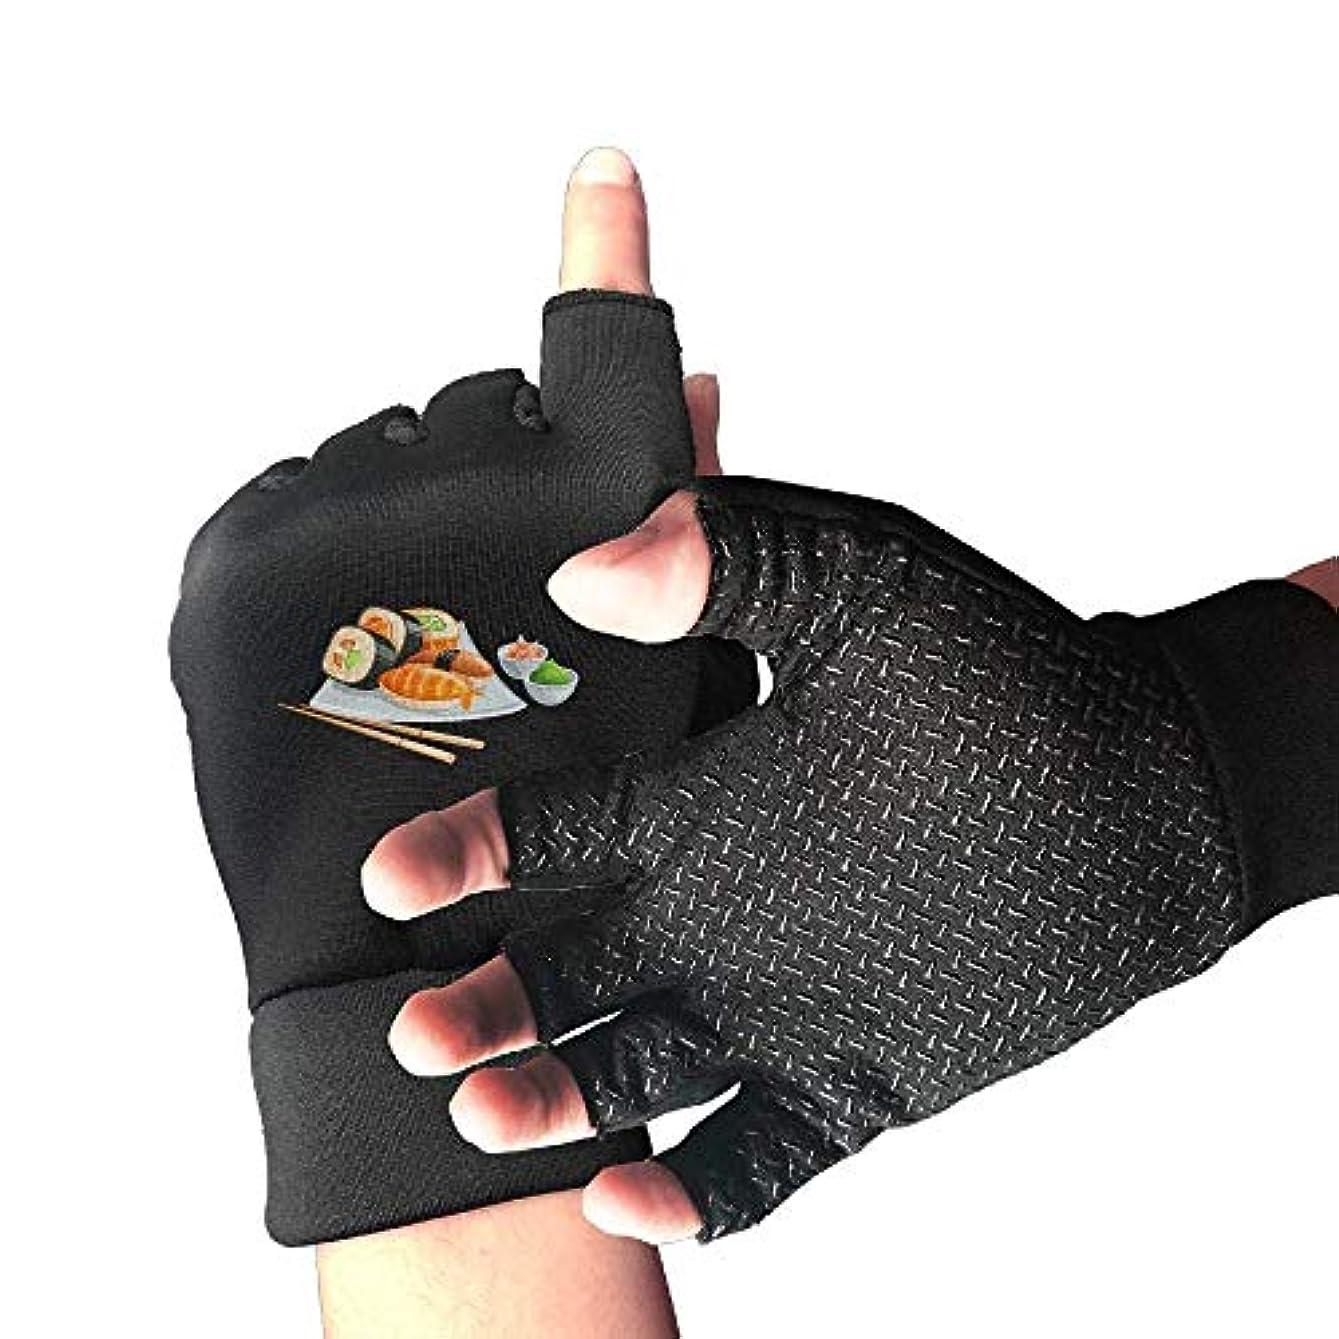 無視保安守銭奴Cycling Gloves Healthy Breakfast Men's/Women's Mountain Bike Gloves Half Finger Anti-Slip Motorcycle Gloves